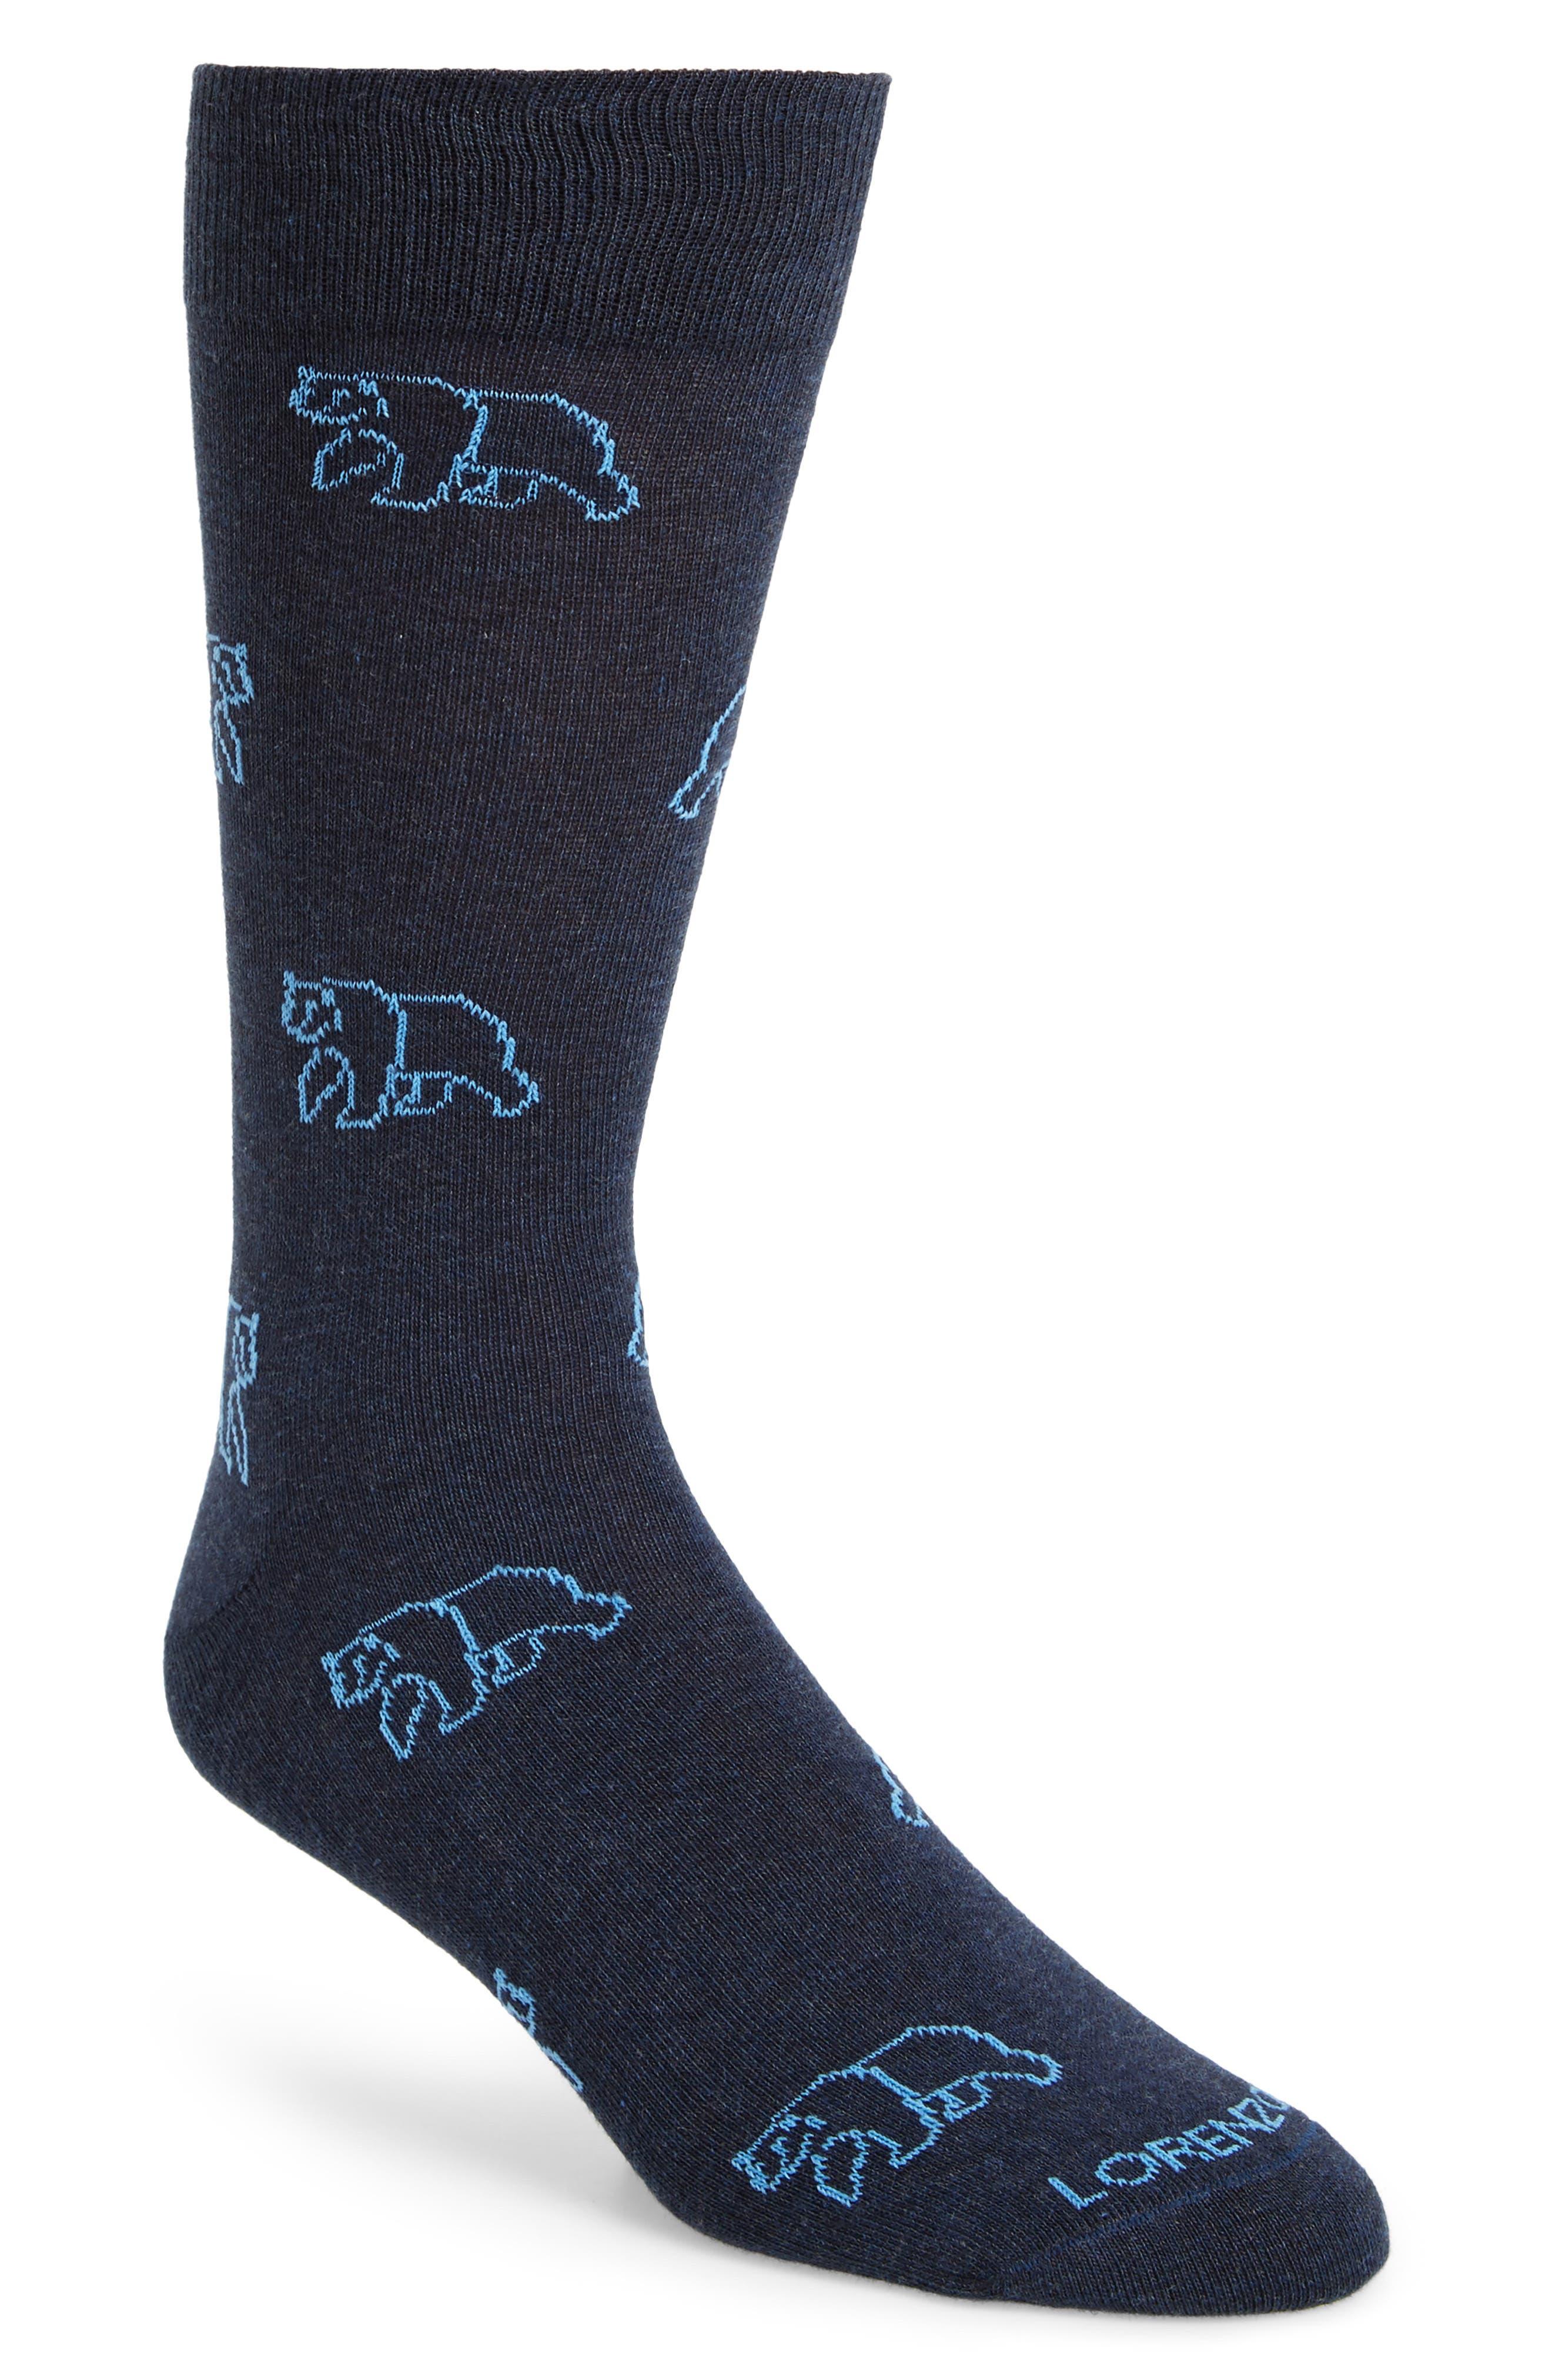 Lorenzo Uomo Grizzly Bear Socks